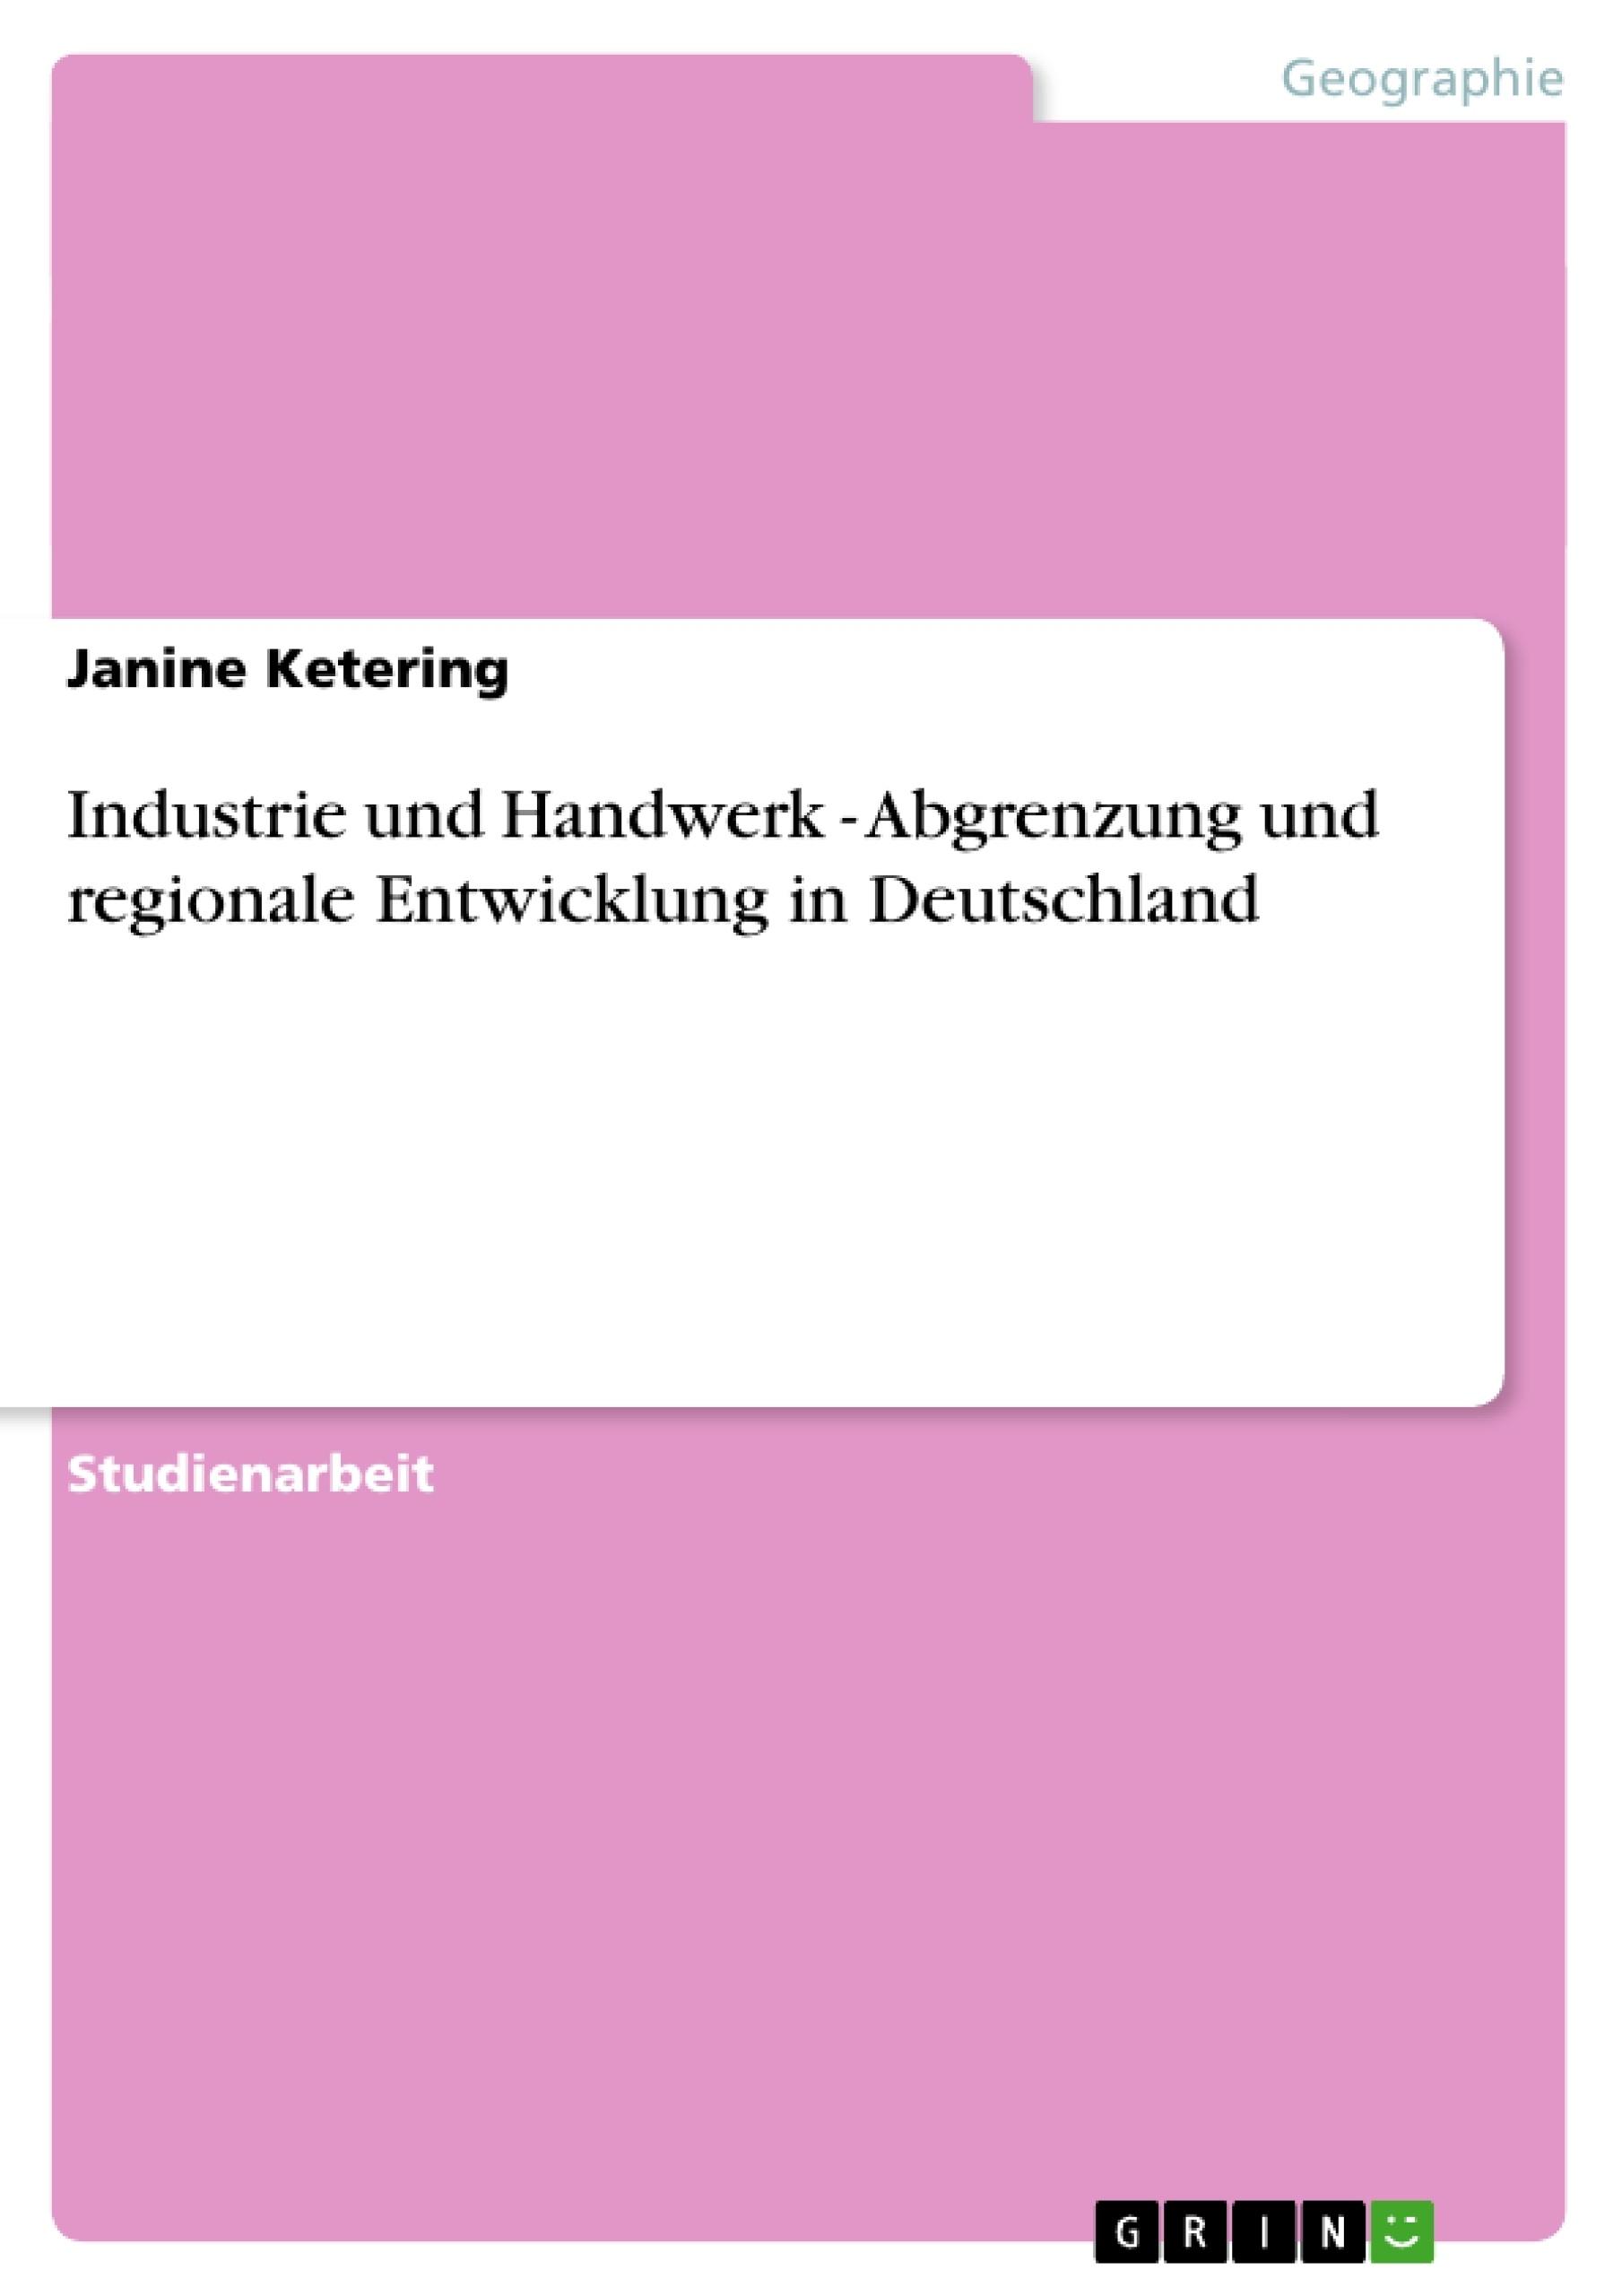 Titel: Industrie und Handwerk - Abgrenzung und regionale Entwicklung in Deutschland